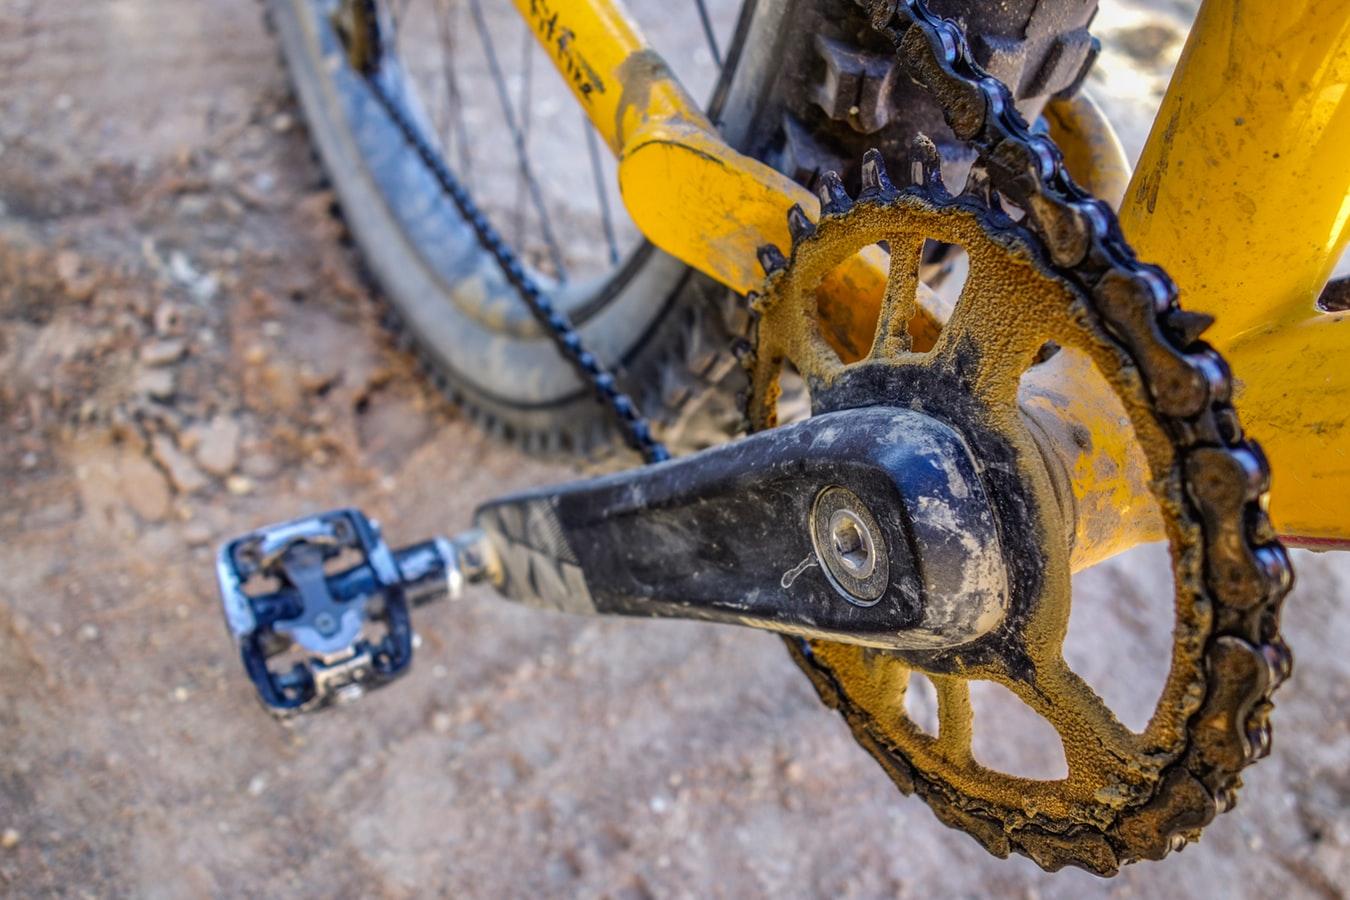 Vieze ketting en trapper, gele fiets